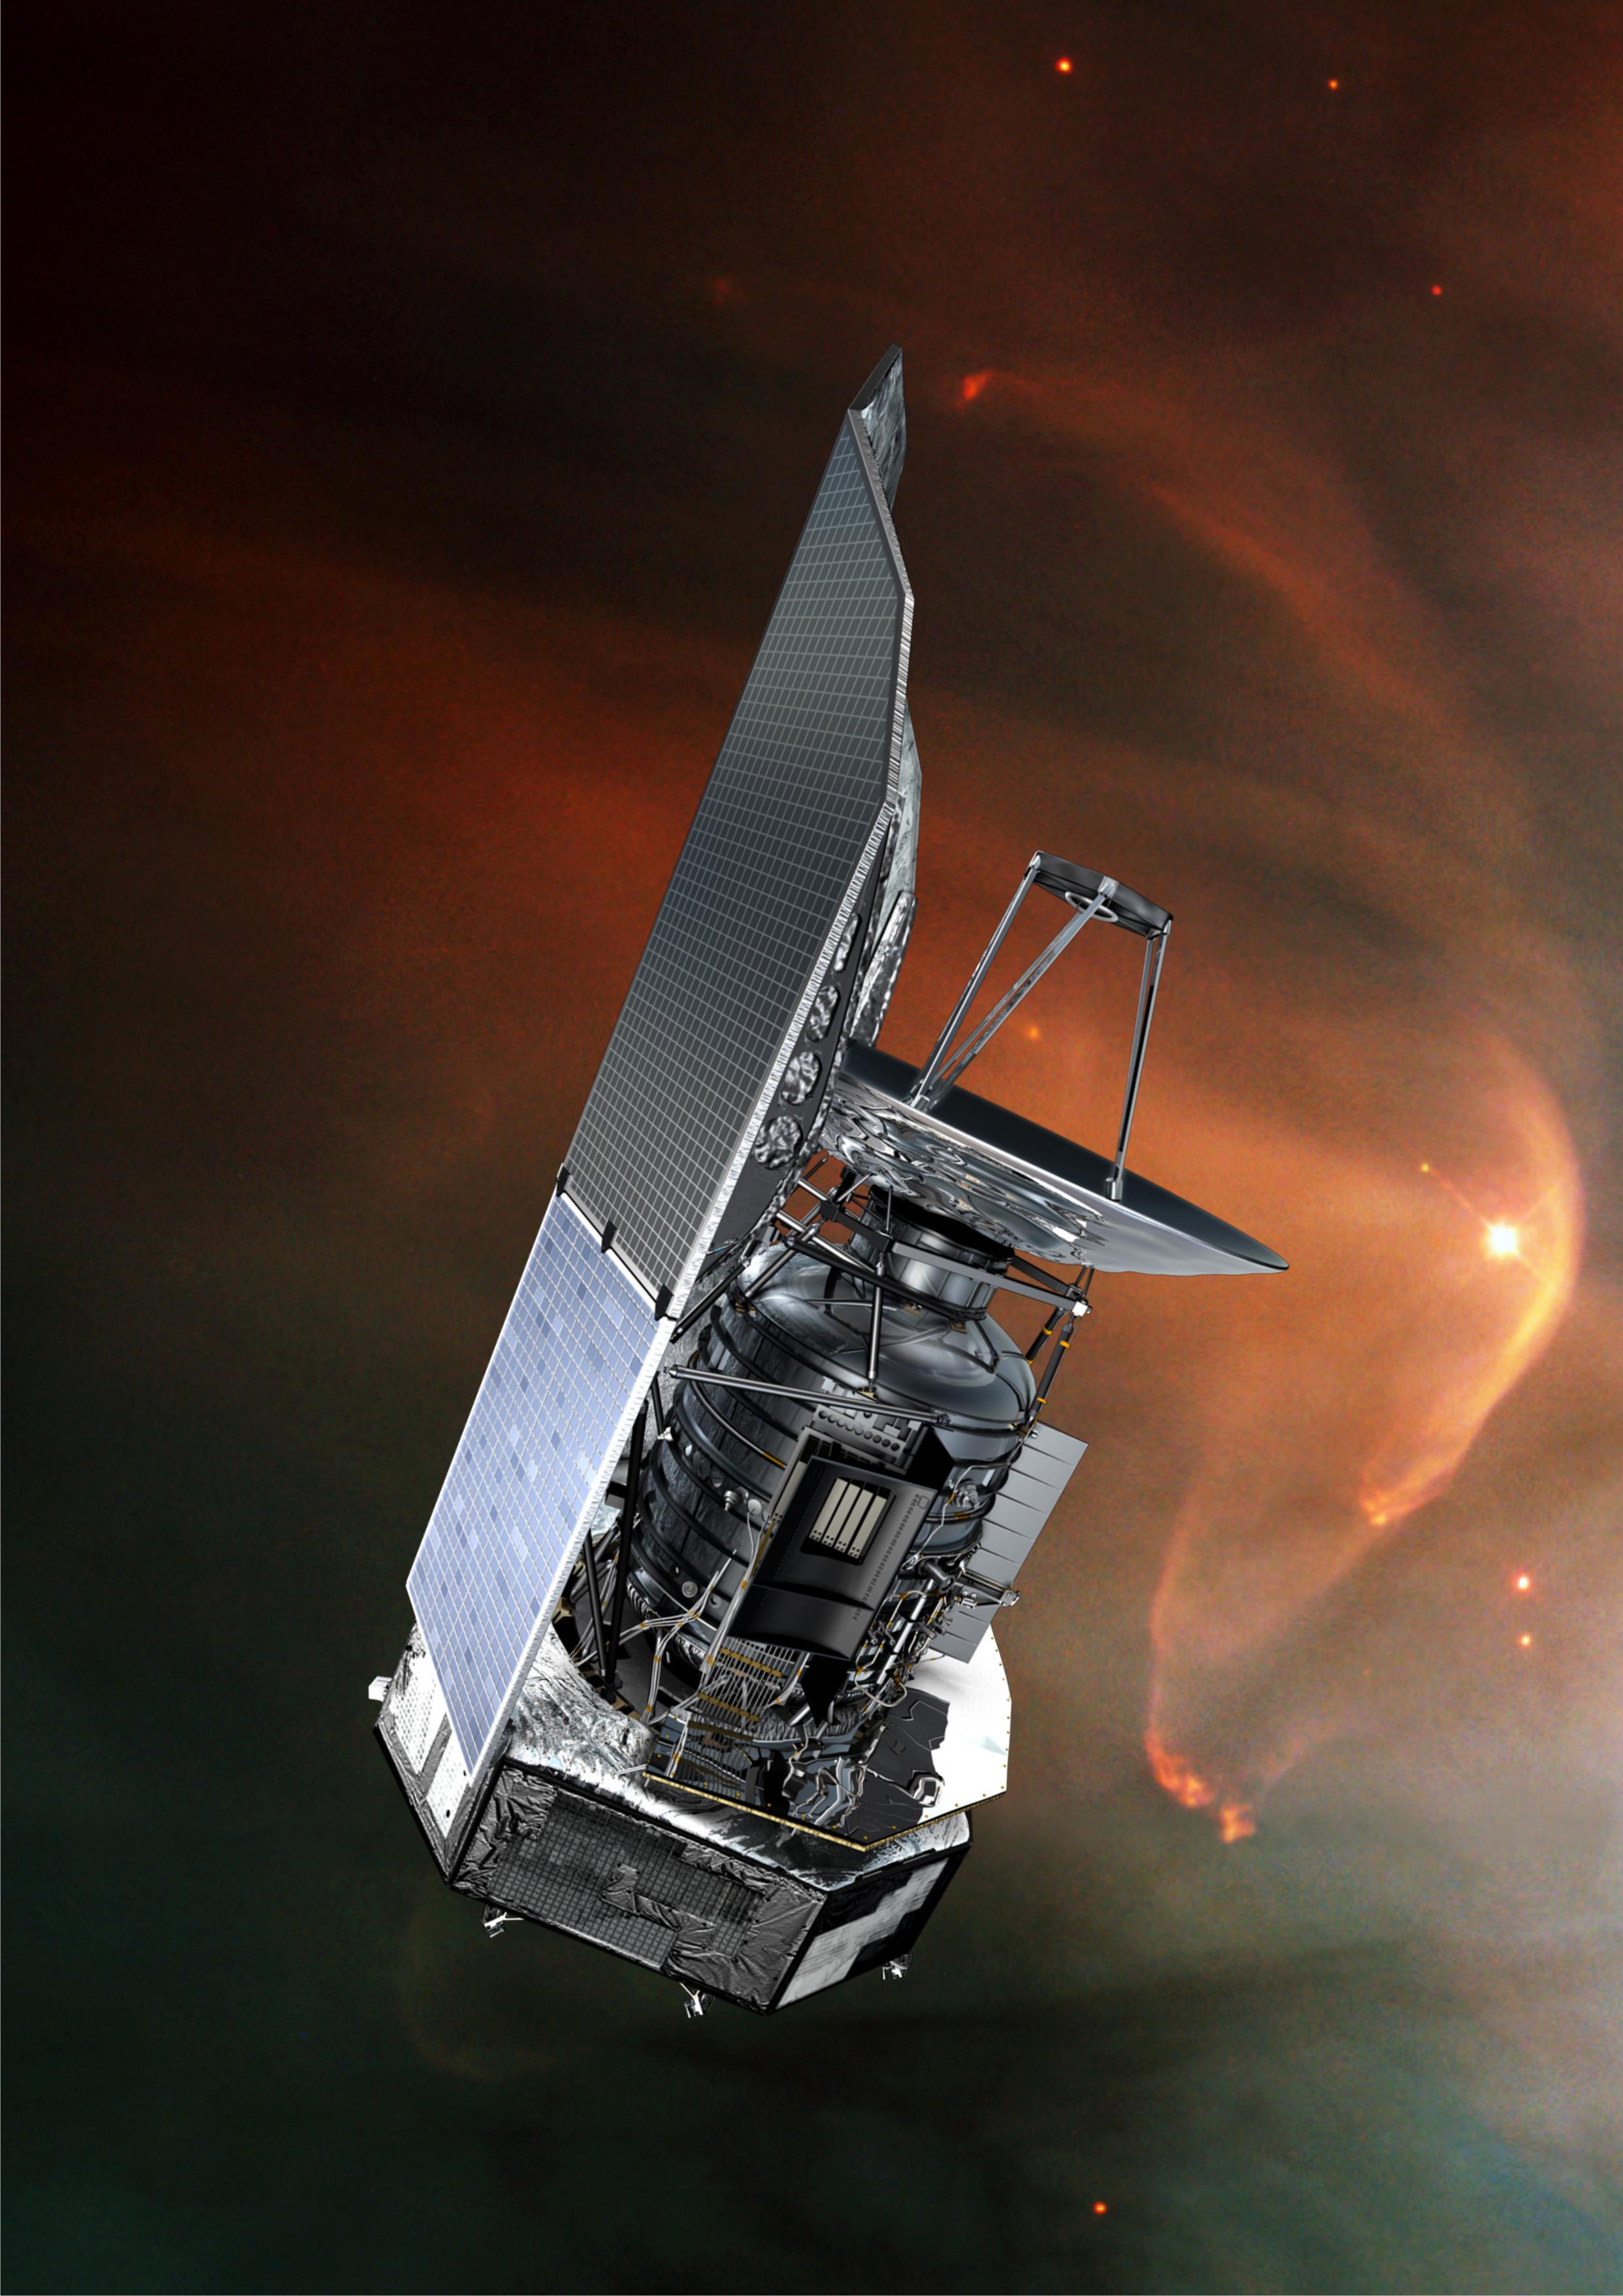 Artist_impression_of_the_Herschel_spacecraft.jpg